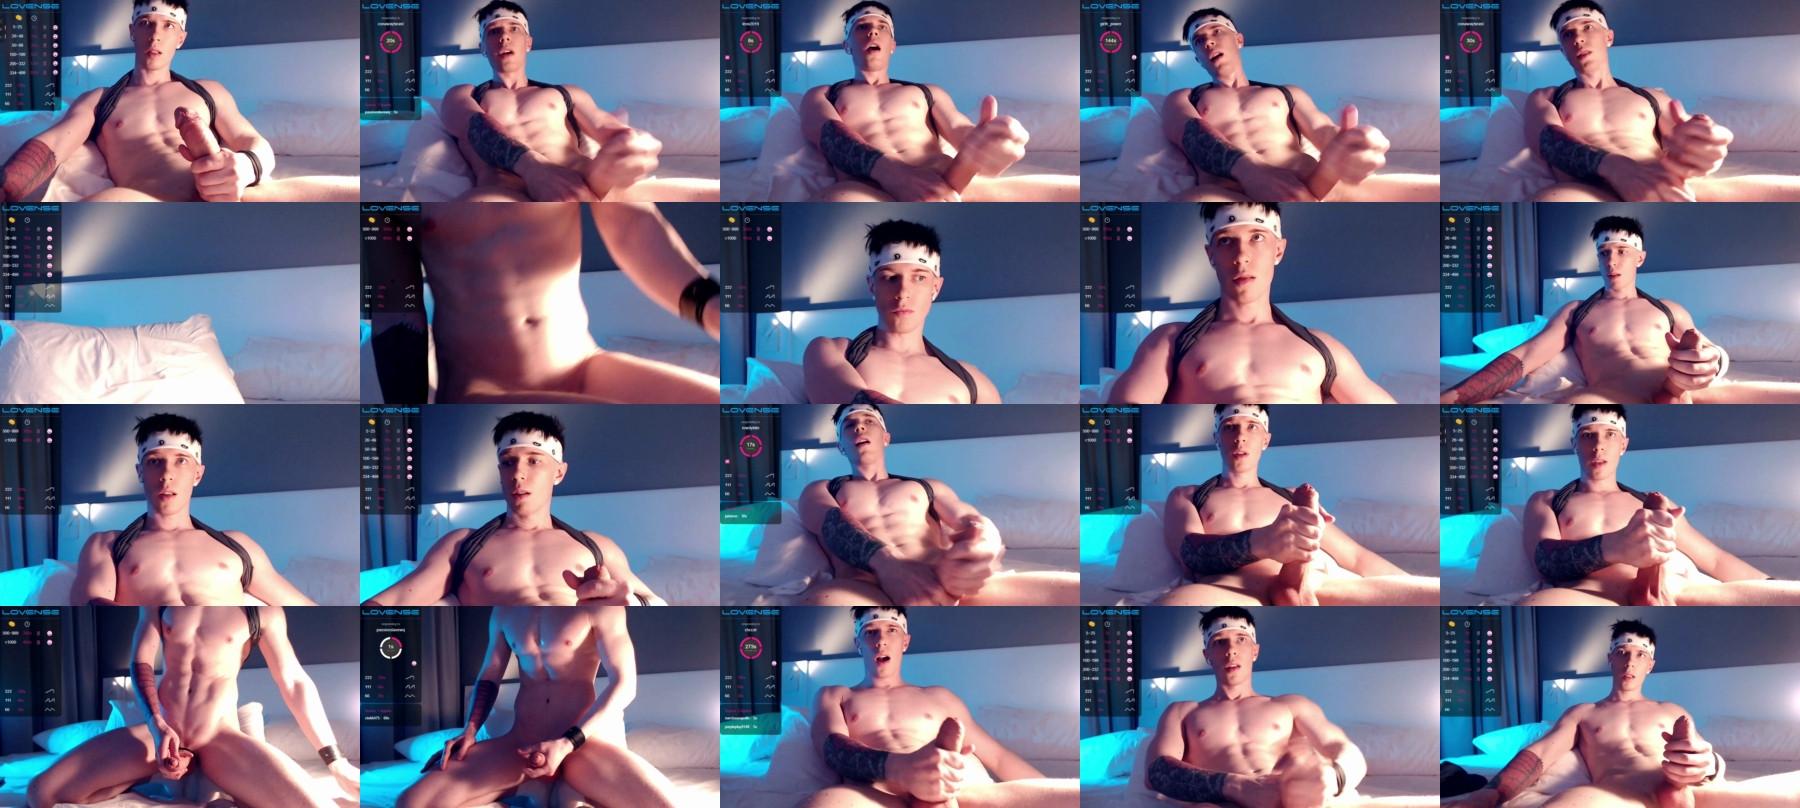 Briannhardone Chaturbate 25-03-2021 Male Ass